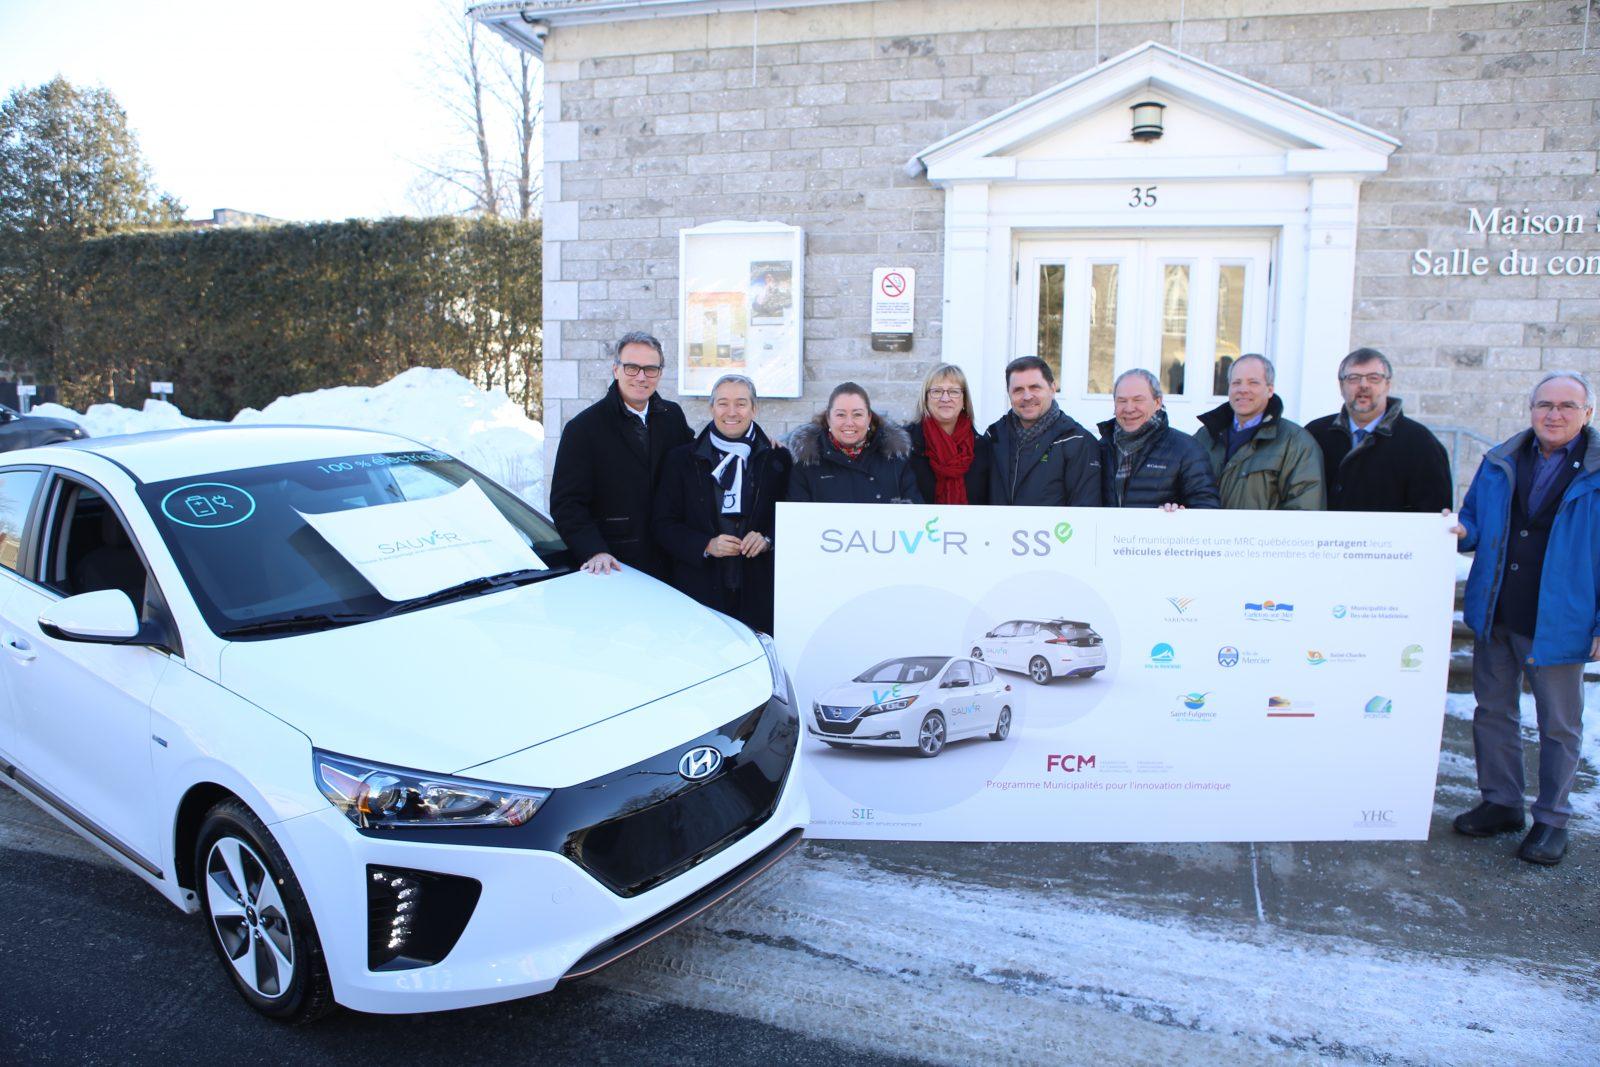 Varennes offrira un véhicule électrique en autopartage à ses citoyens